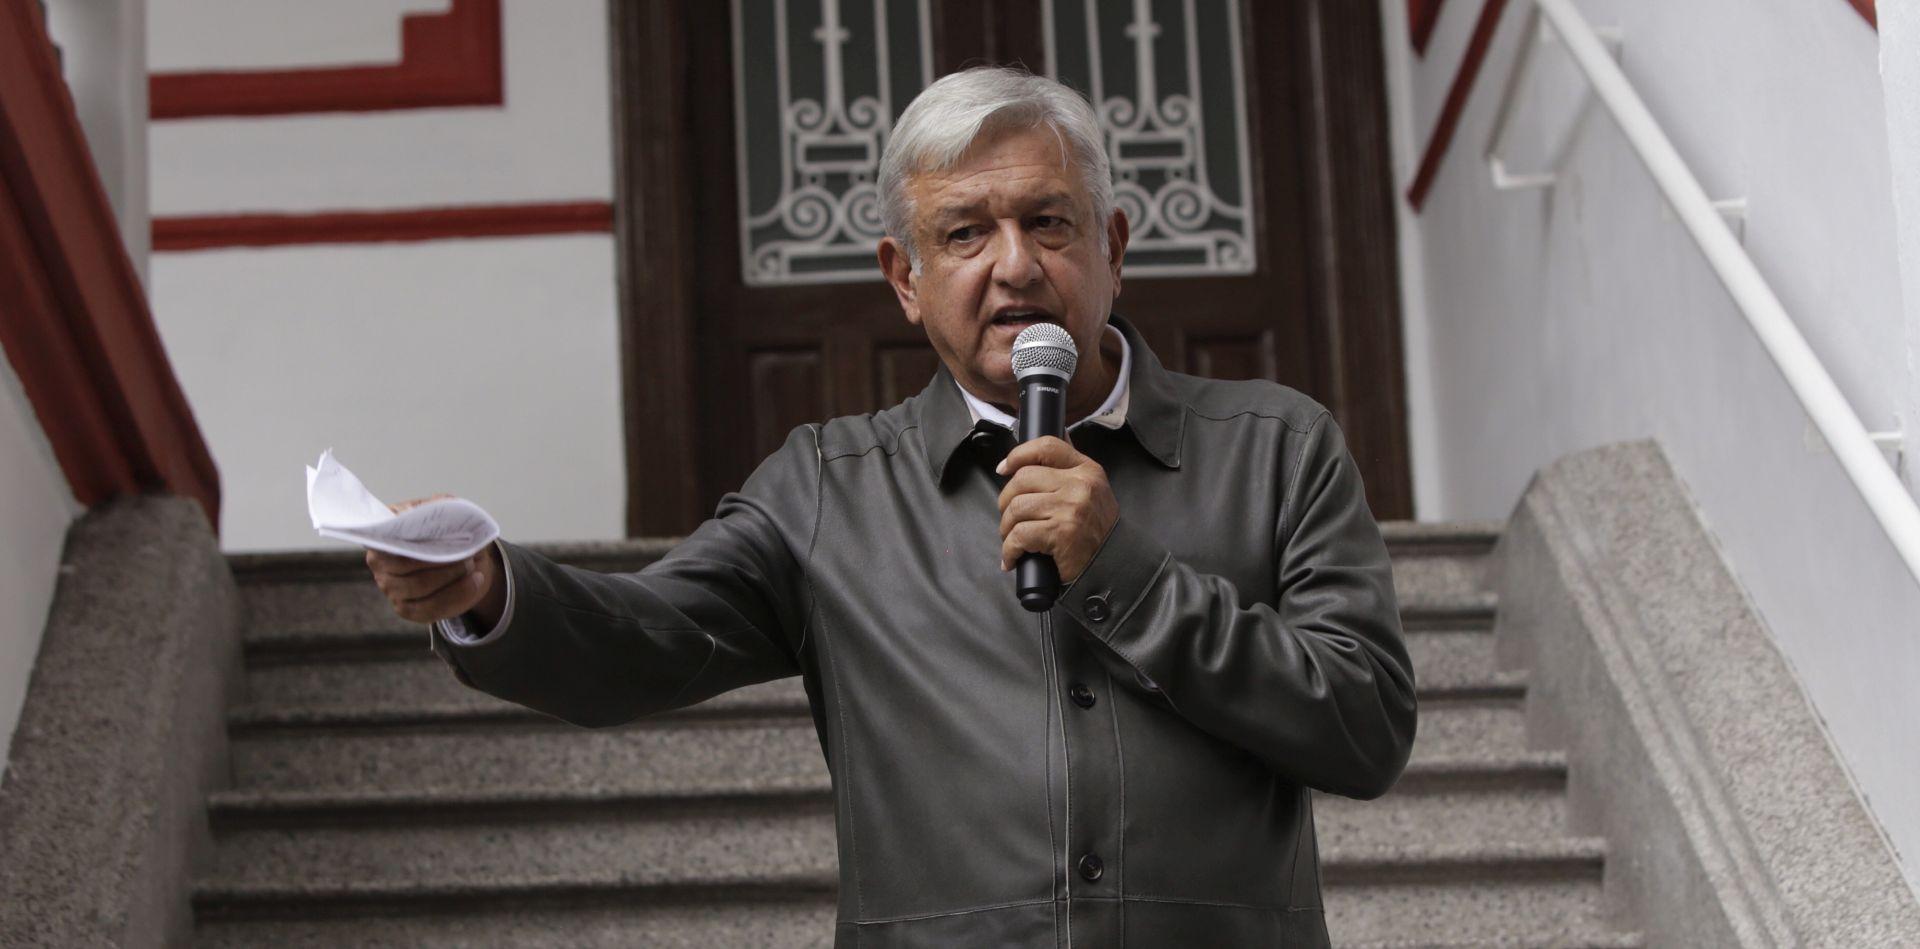 Novi meksički predsjednik odrekao se naoružanih tjelohranitelja